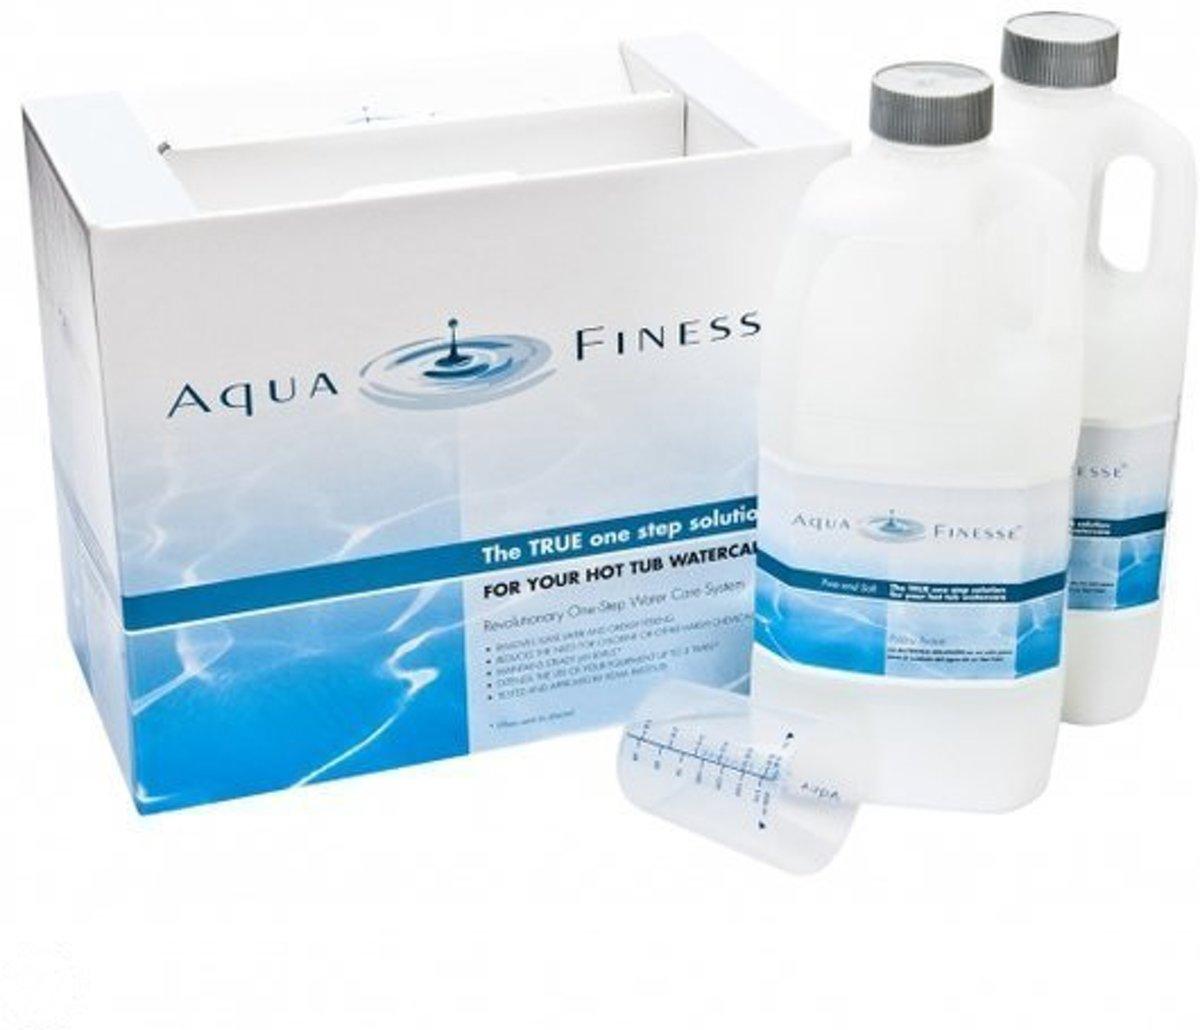 Aquafinesse Spa en Hottub waterbehandelingset